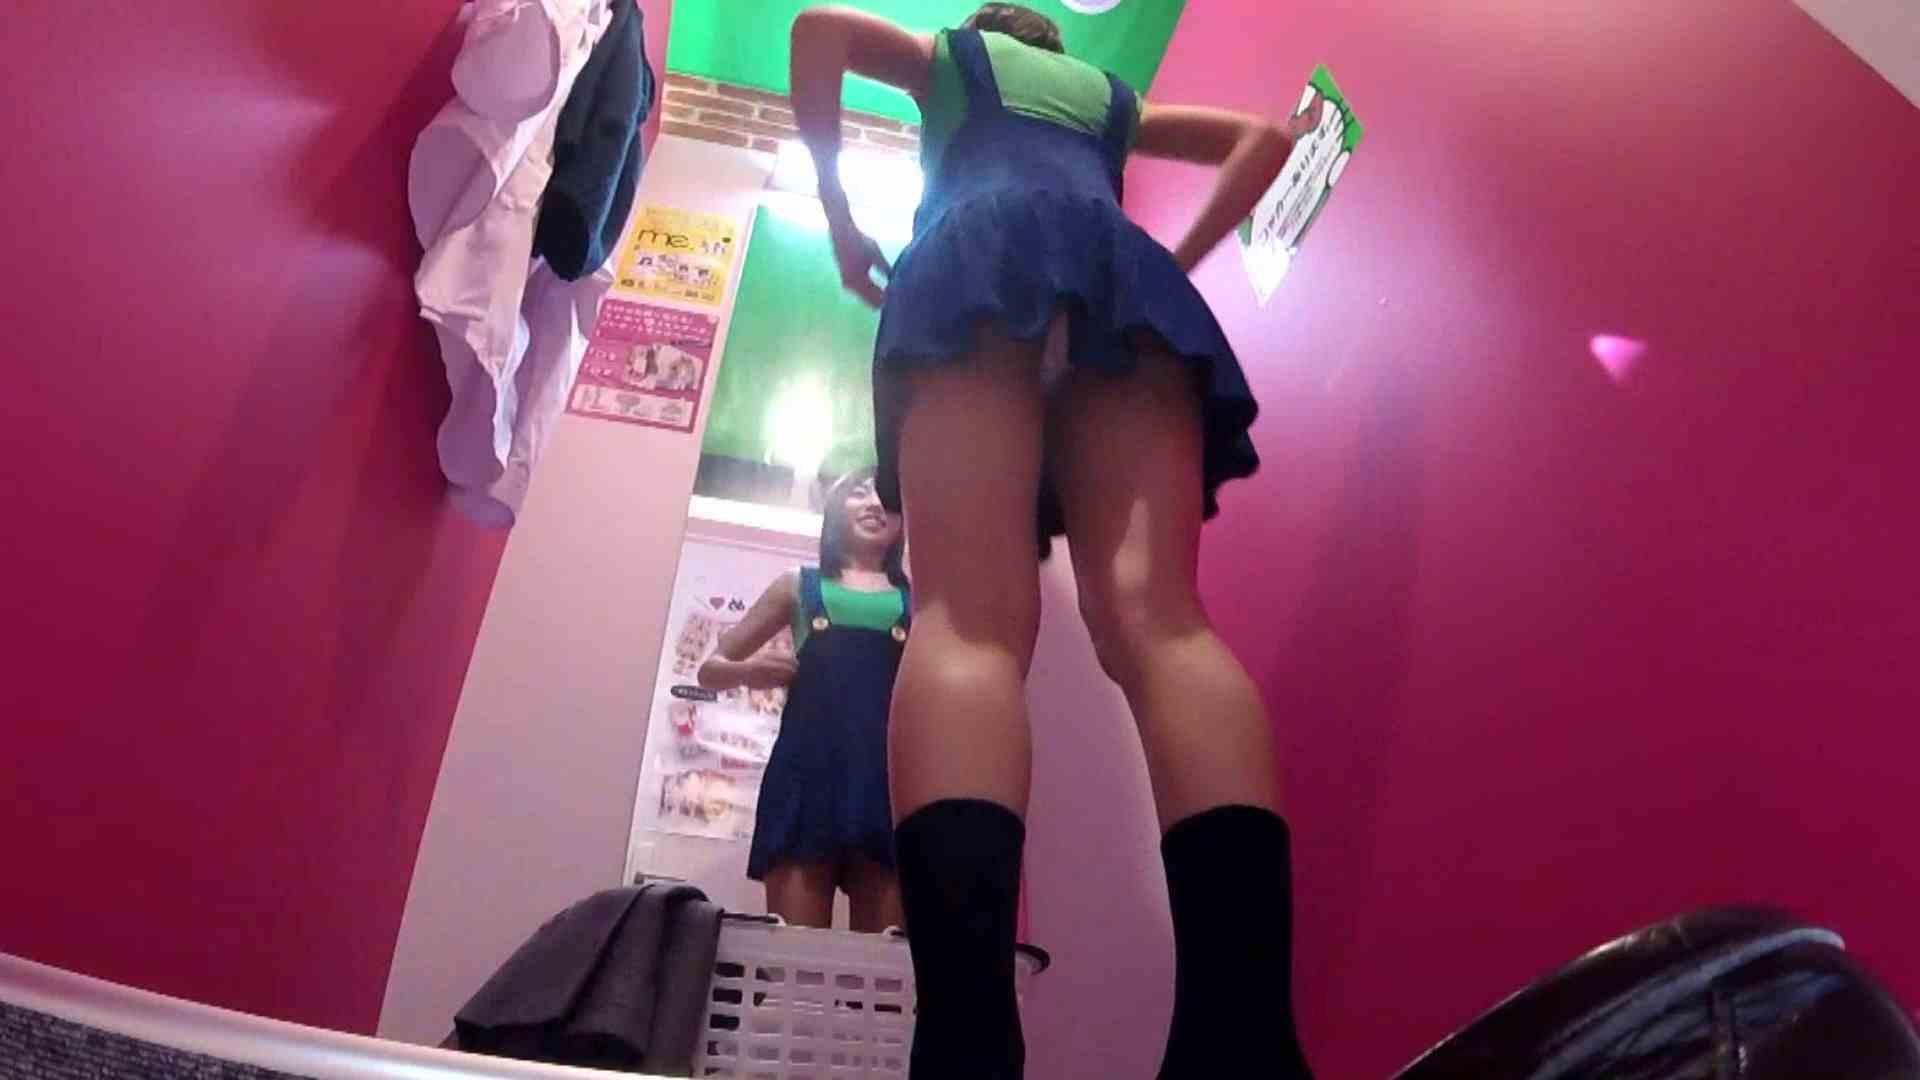 夢見る乙女の試着室 Vol.32 コスプレガール のぞき動画キャプチャ 107pic 59